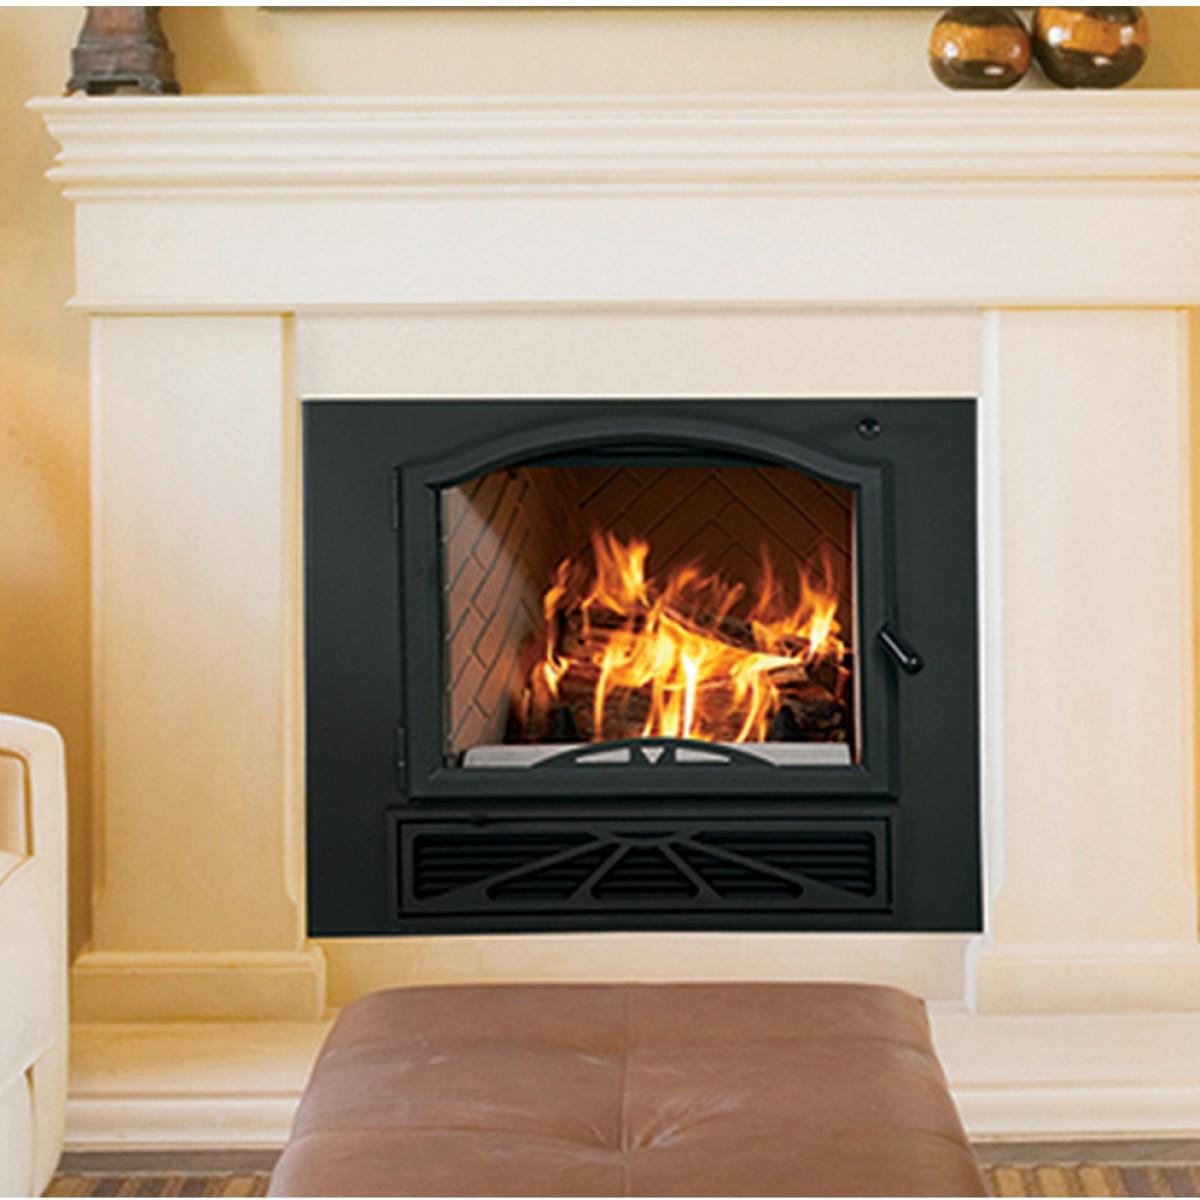 IHP Superior WRTWCT2000 Wood burning Fireplace